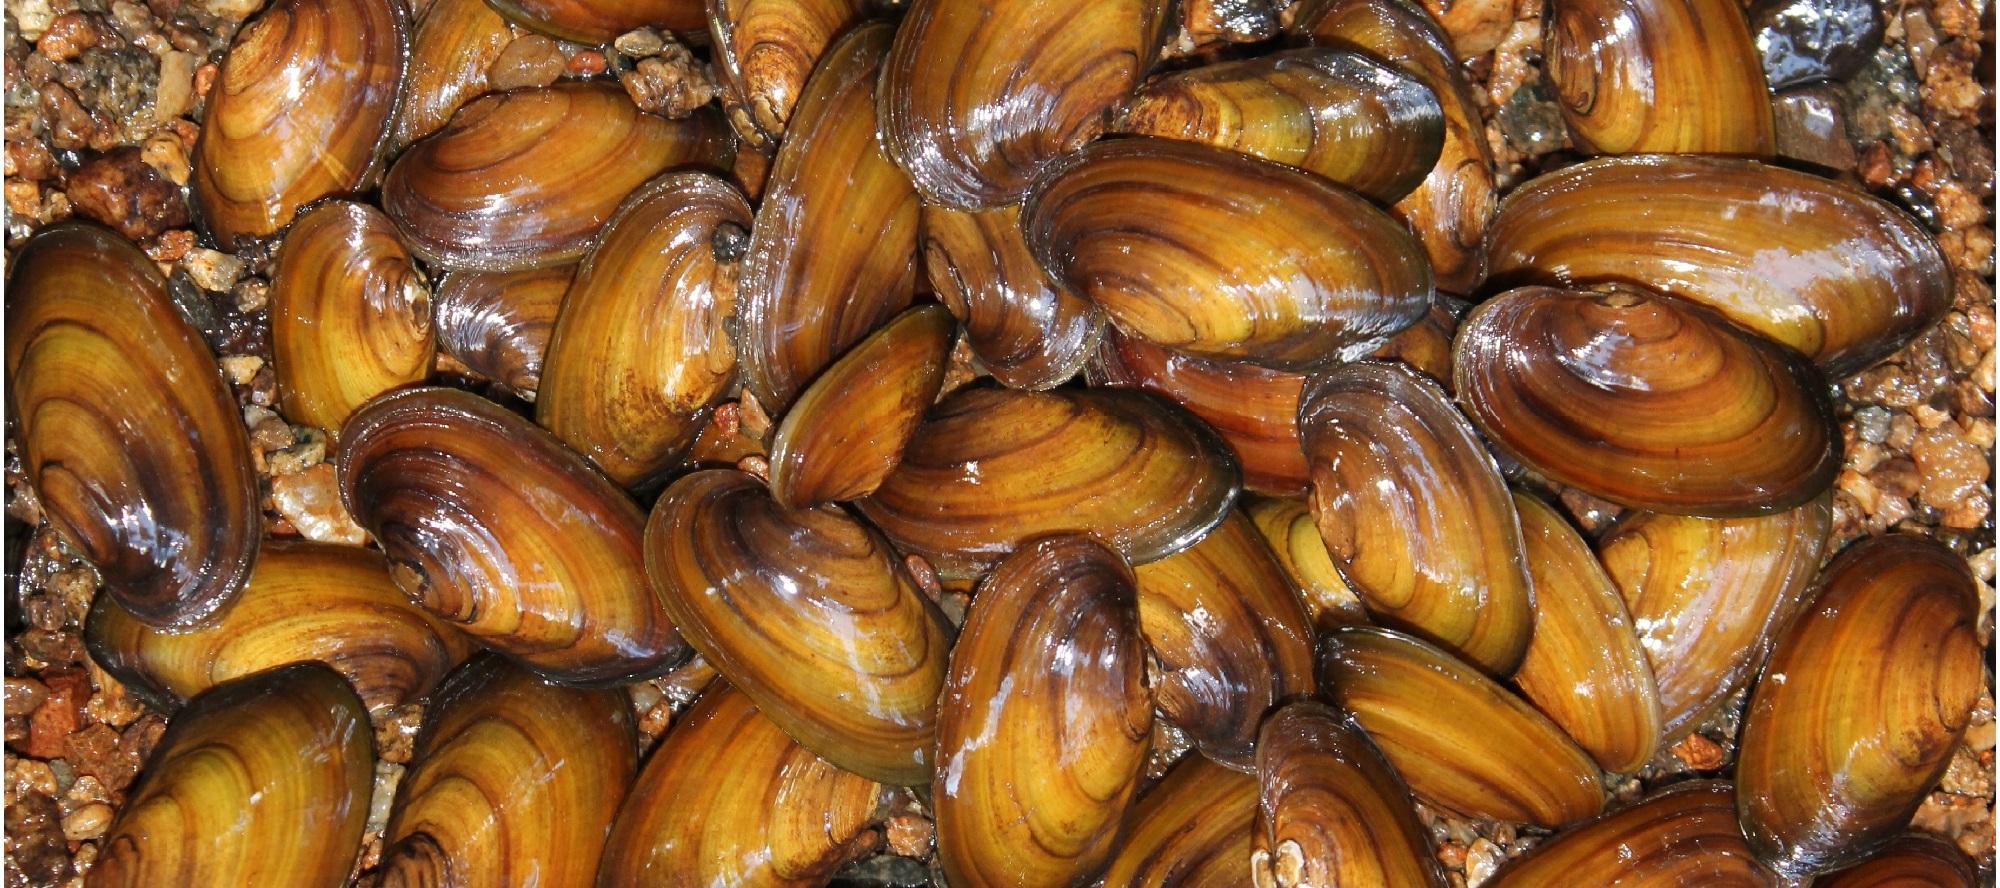 Permalink zu:Flussperlmuschel